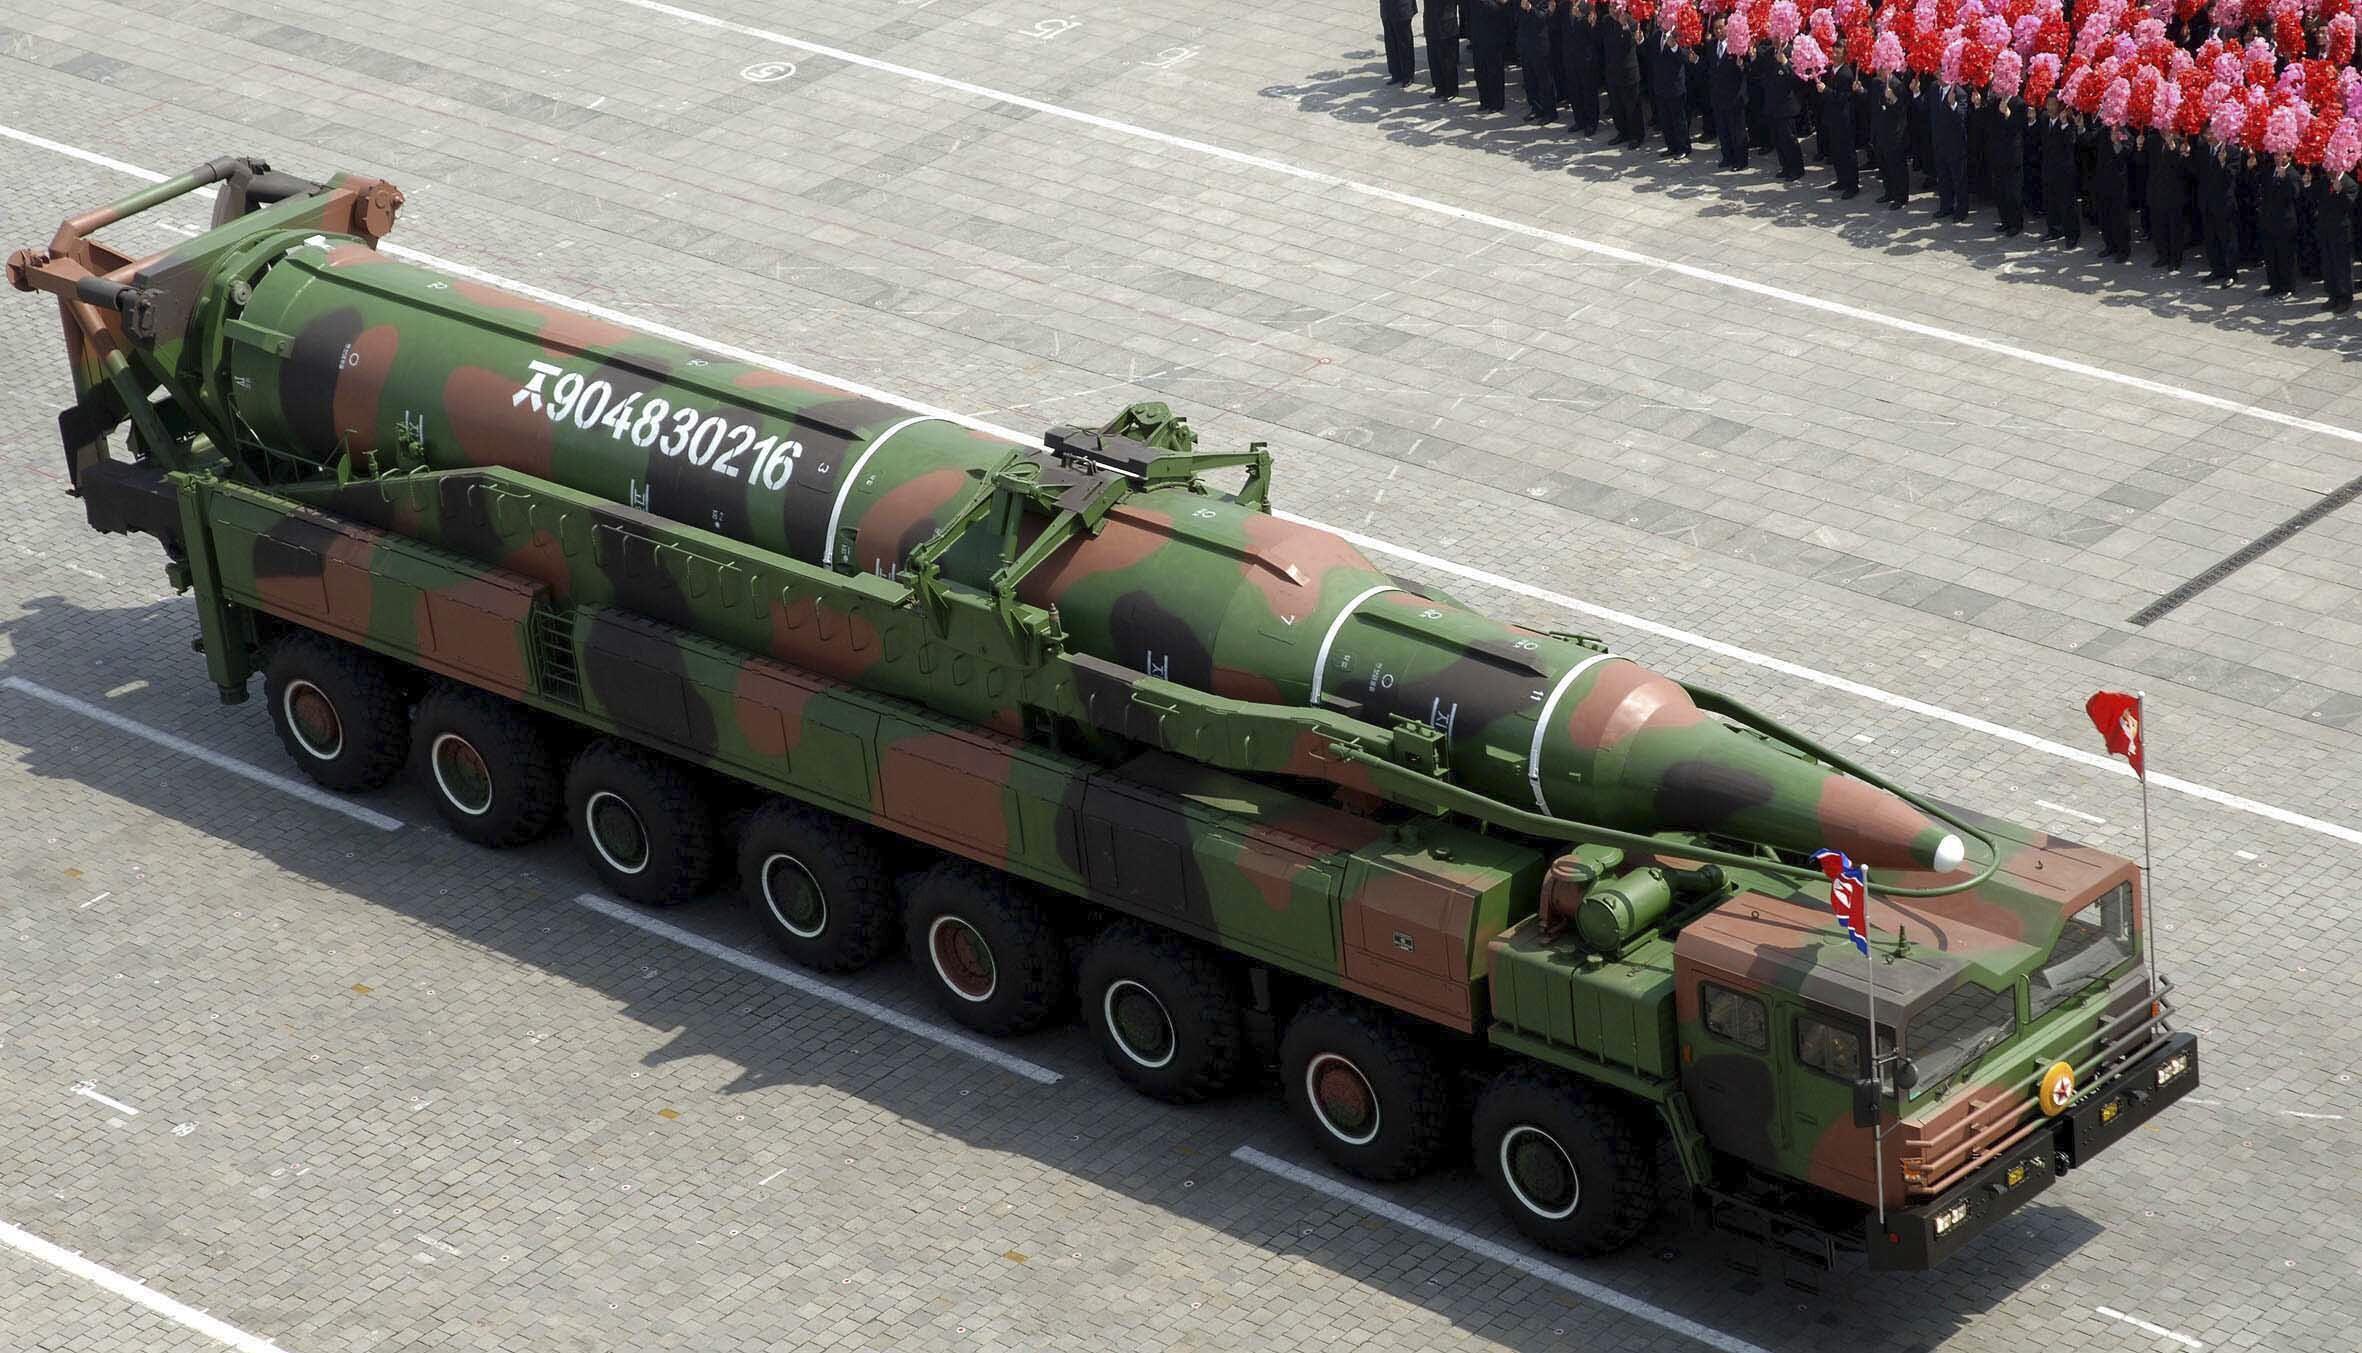 Loại tên lửa tầm xa này của Bắc Triều Tiên (trong lễ duyệt binh ngày 15/04/2012) bị tình nghi là mô hình giả.